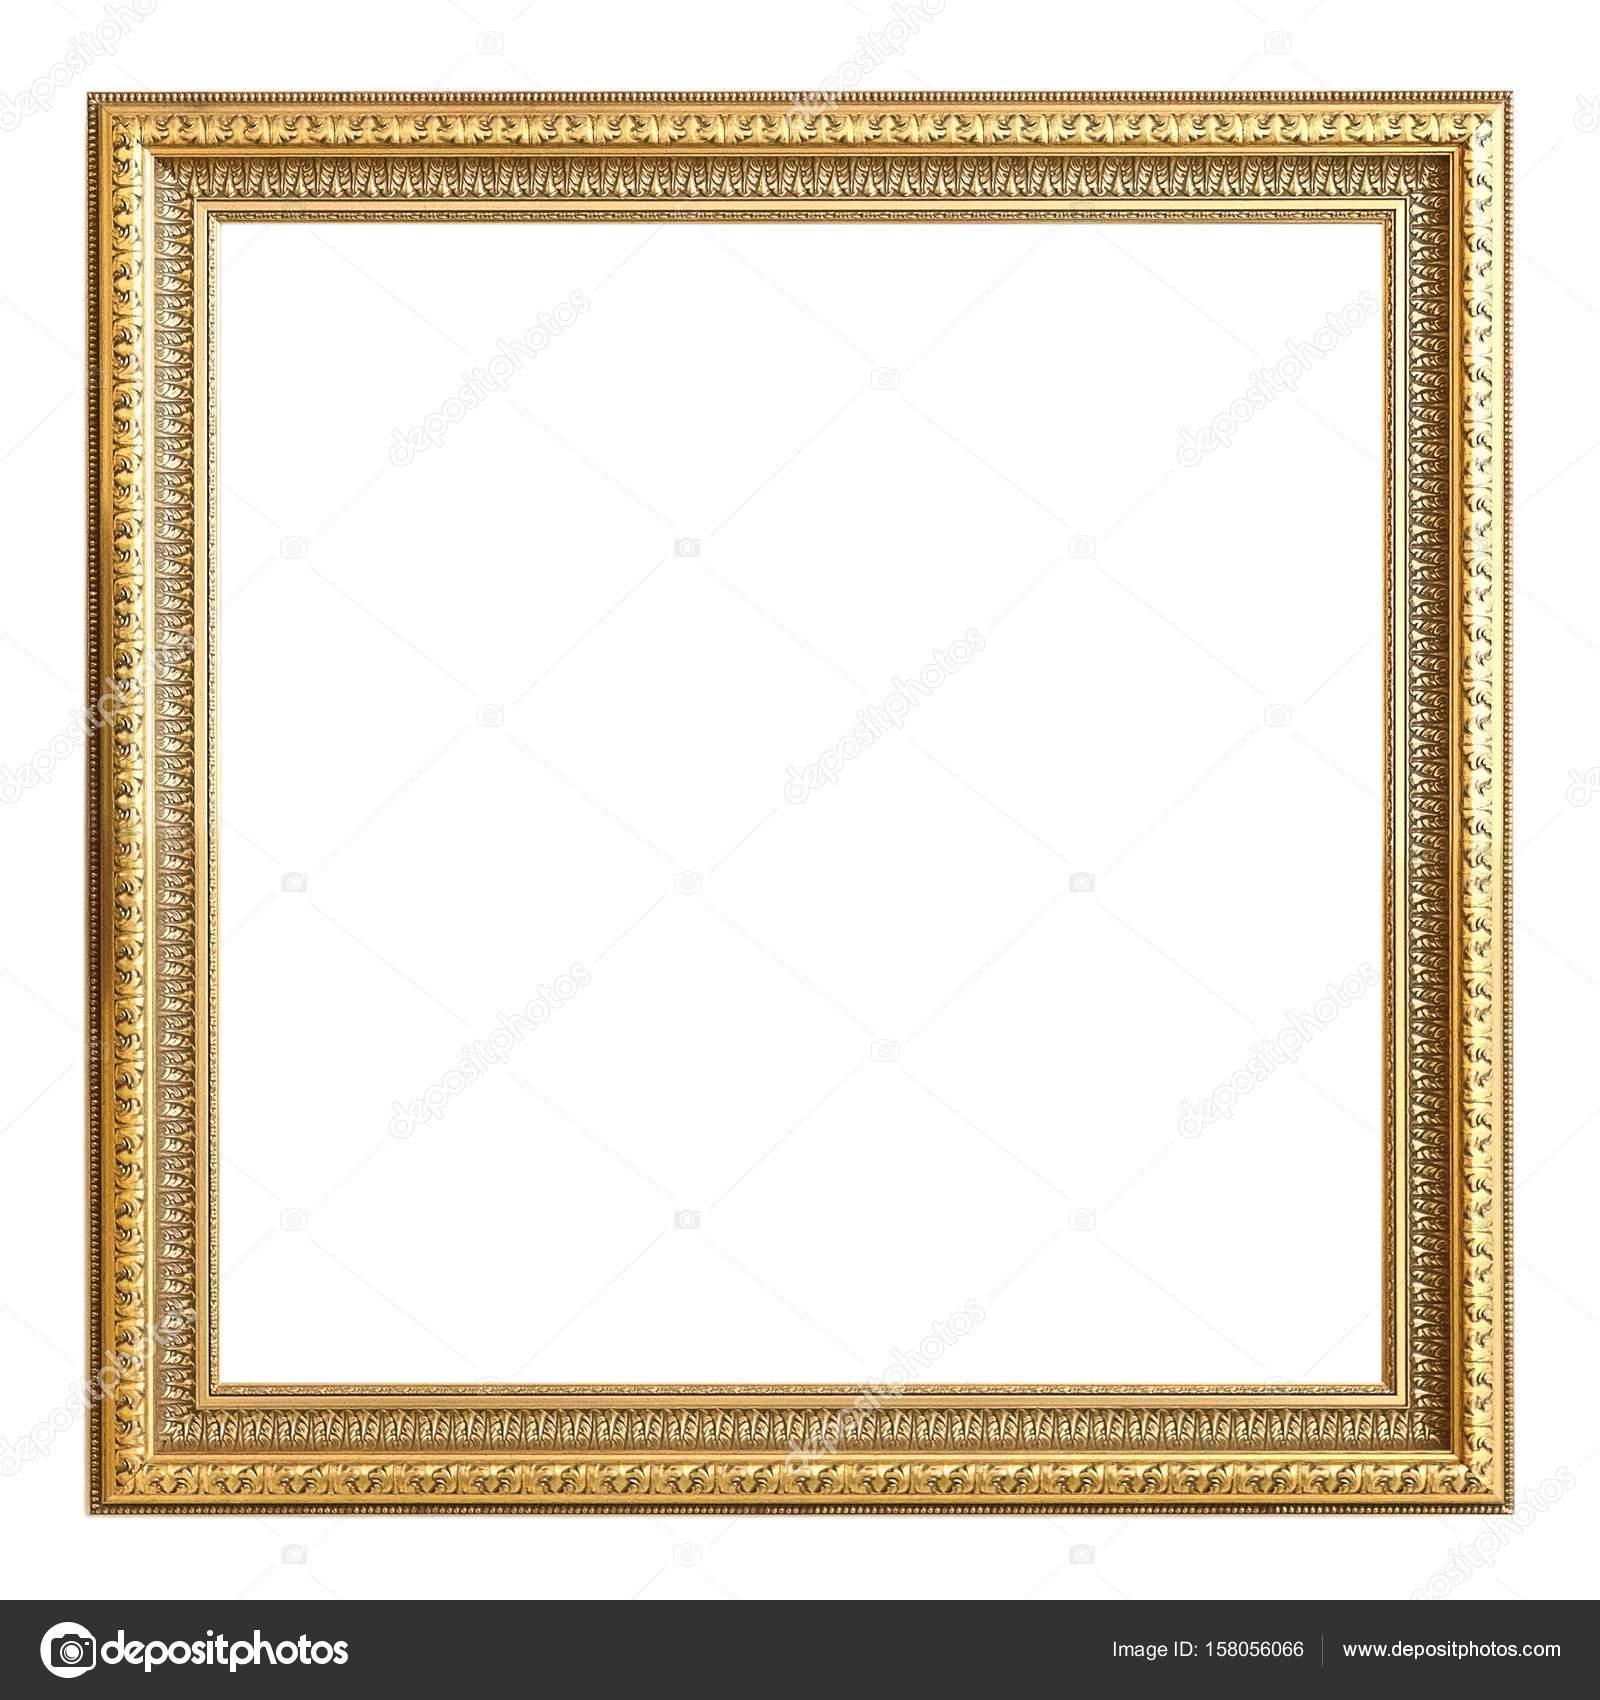 Rahmen für Bilder, Spiegel oder Fotos auf weißem Hintergrund ...